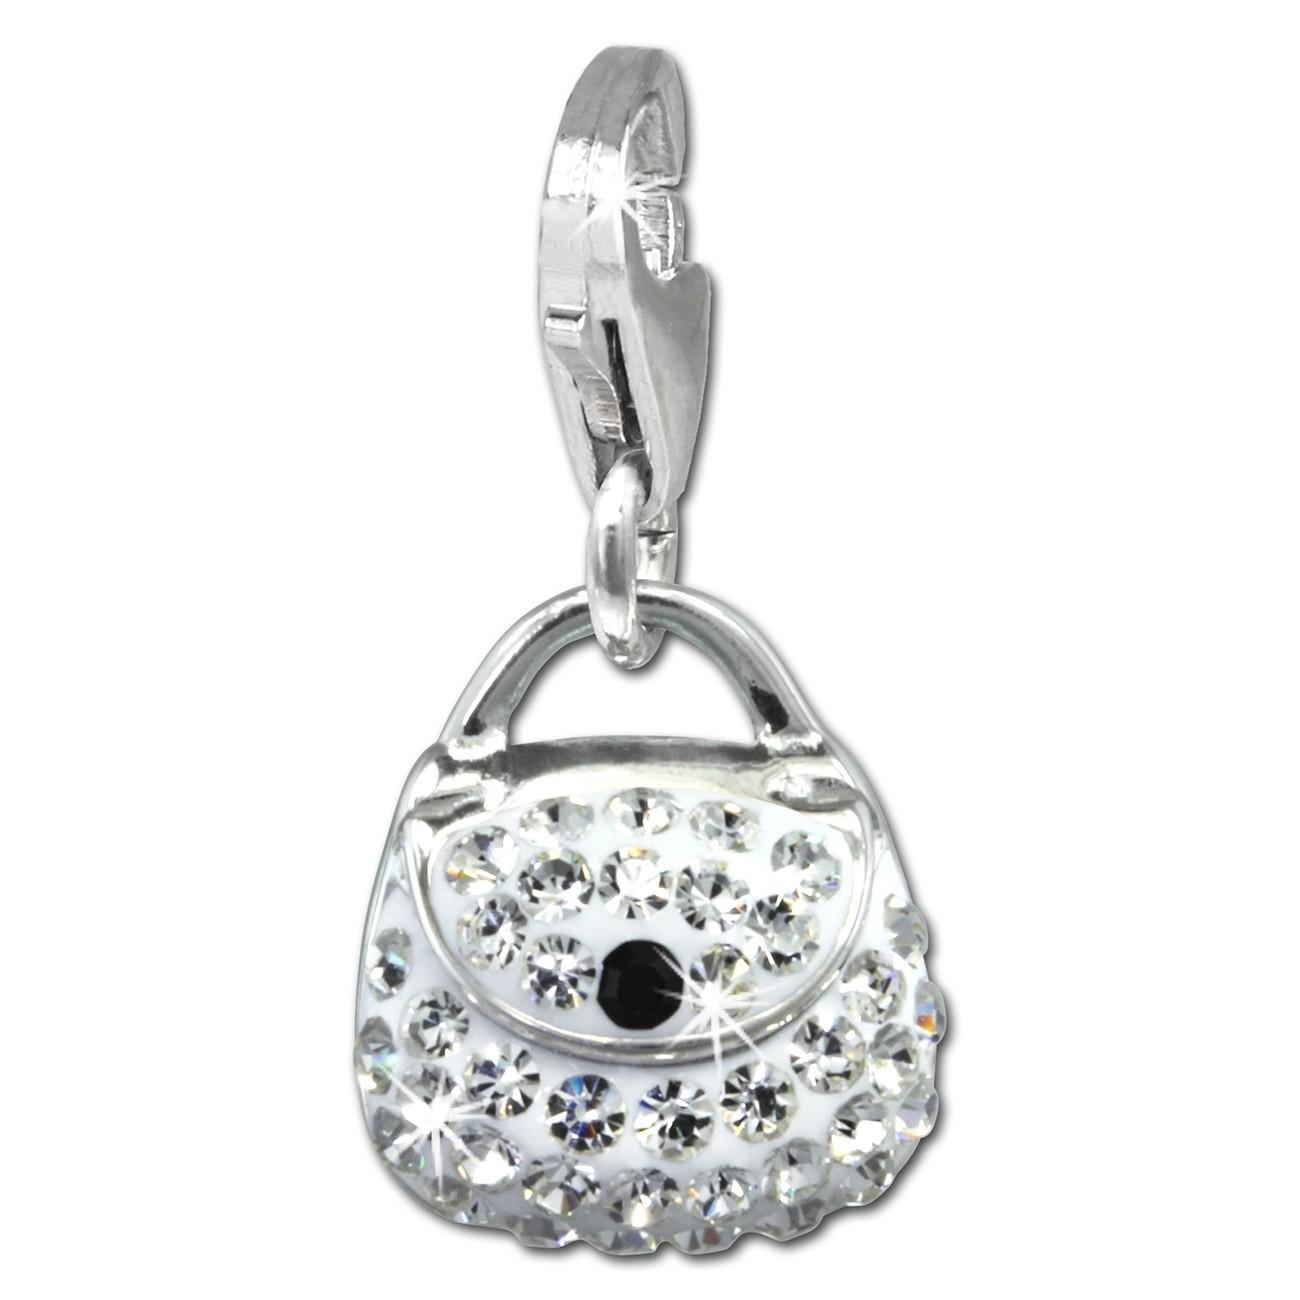 SilberDream Glitzer Charm Tasche klein weiß Zirkonia Kristalle GSC558W